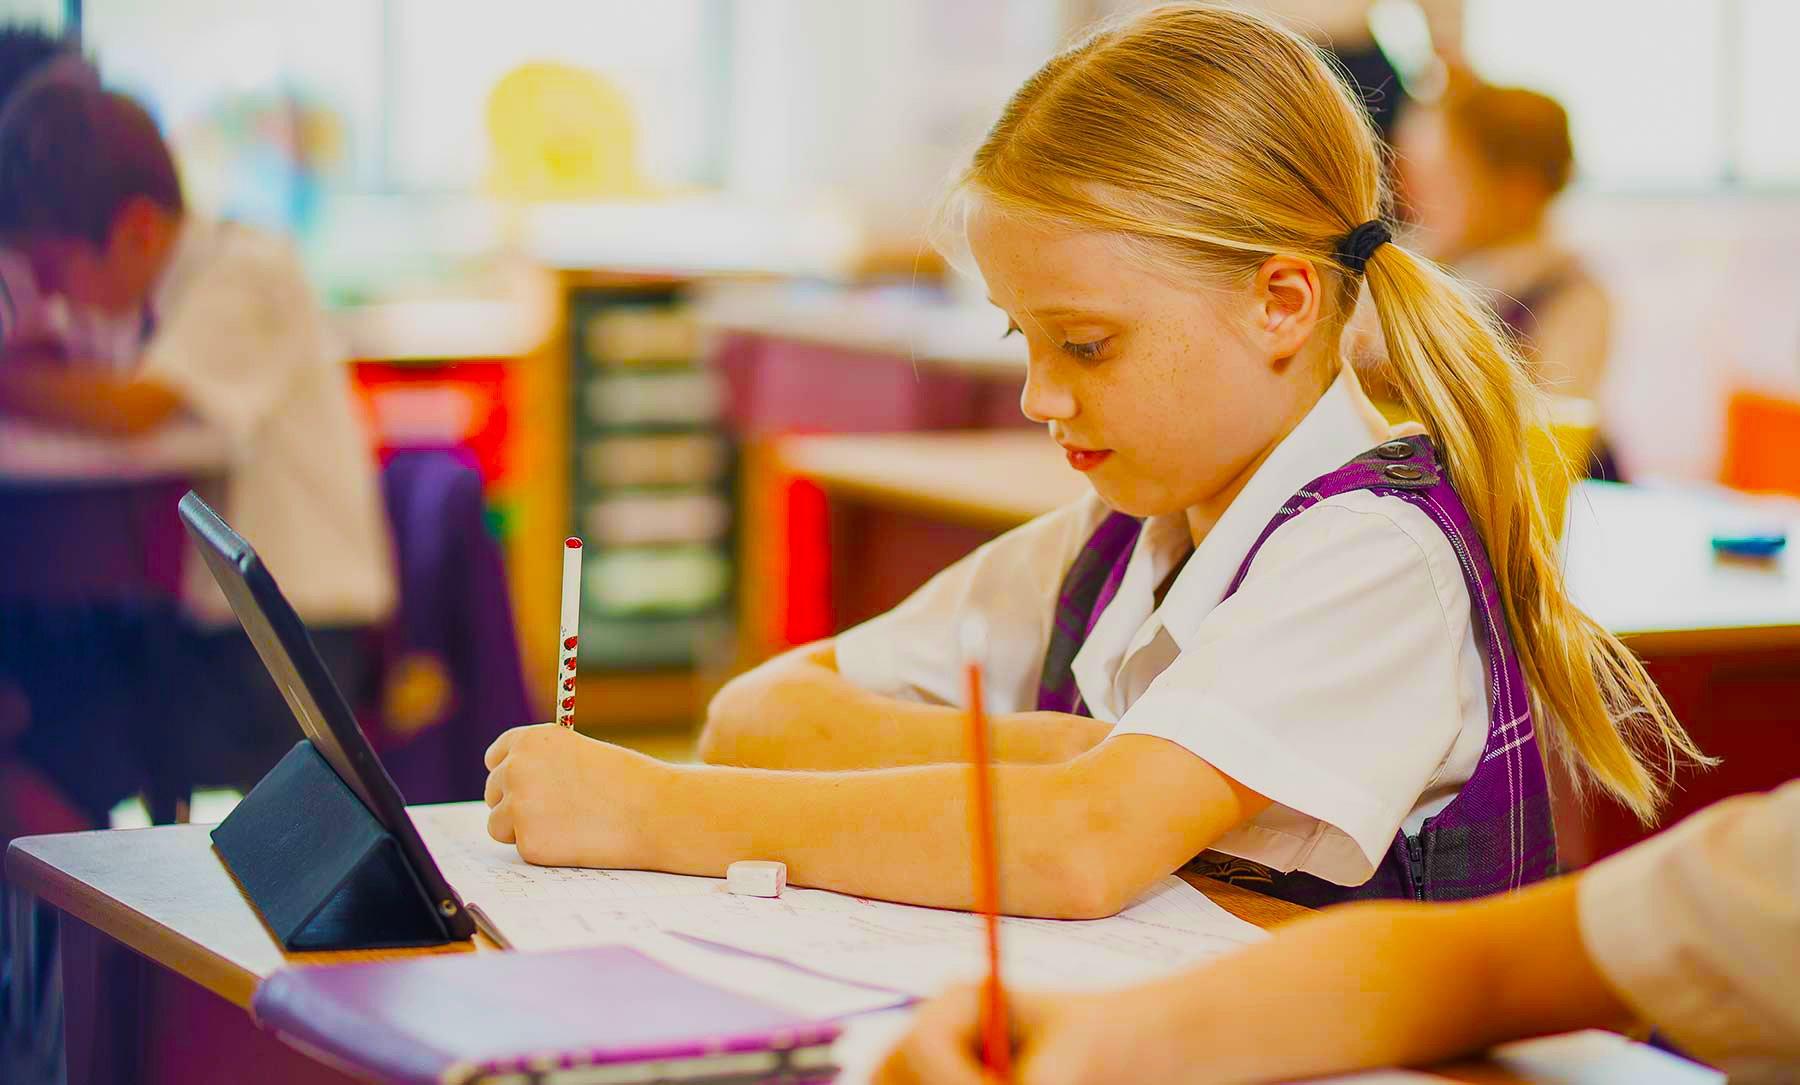 Foremarke School Dubai Lernen und IT im Klassenzimmer